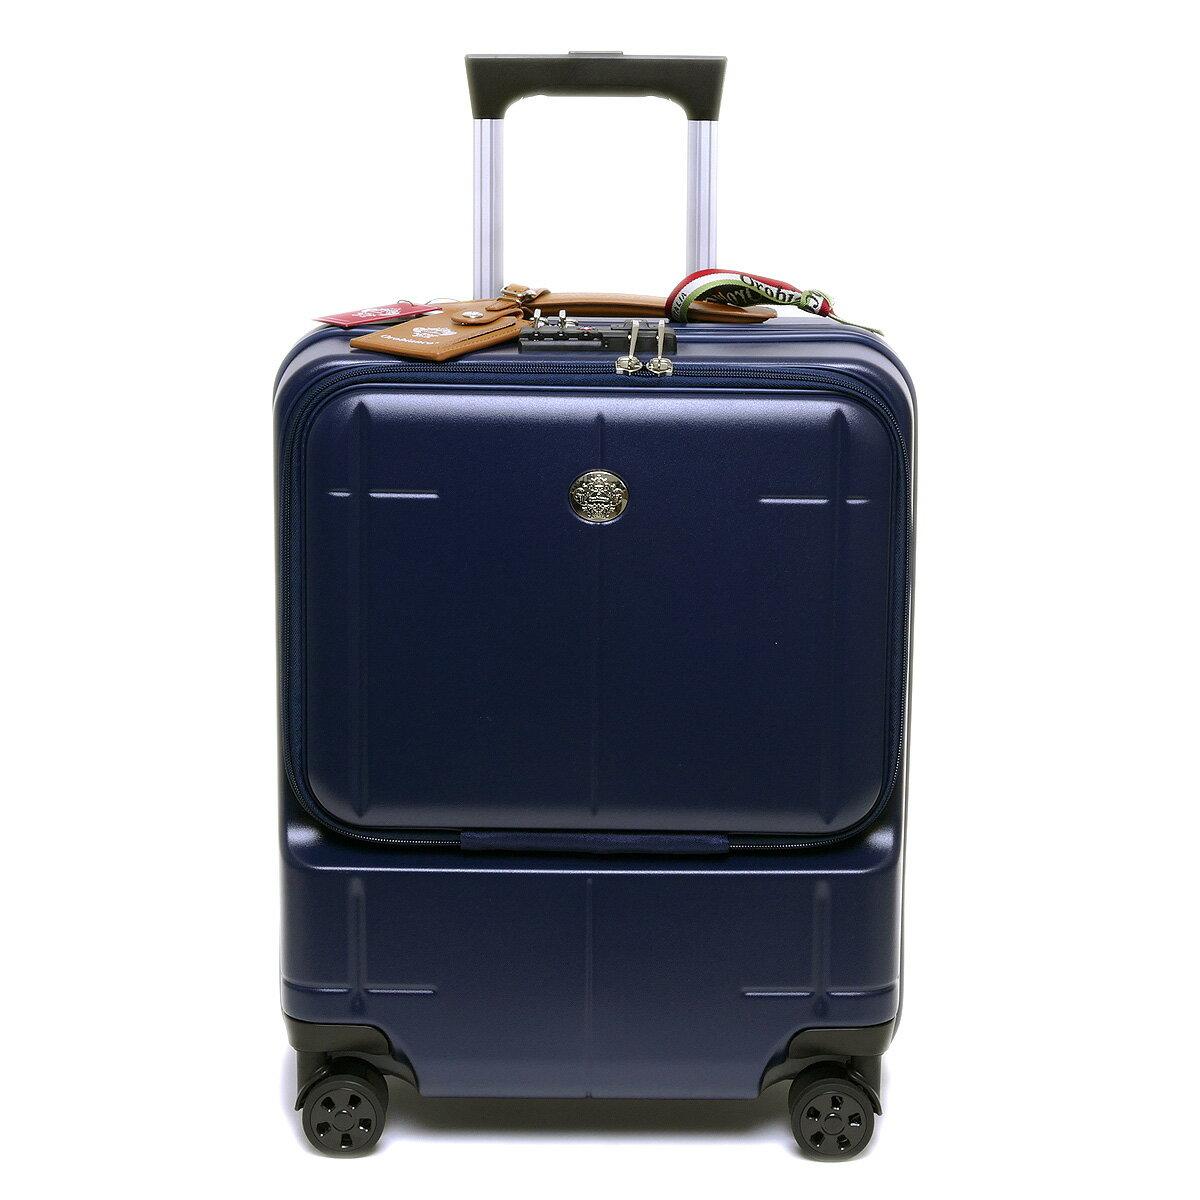 【国内正規品】オロビアンコ スーツケース ARZILLO アルズィーロ 縦型 ネイビー OROBIANCO